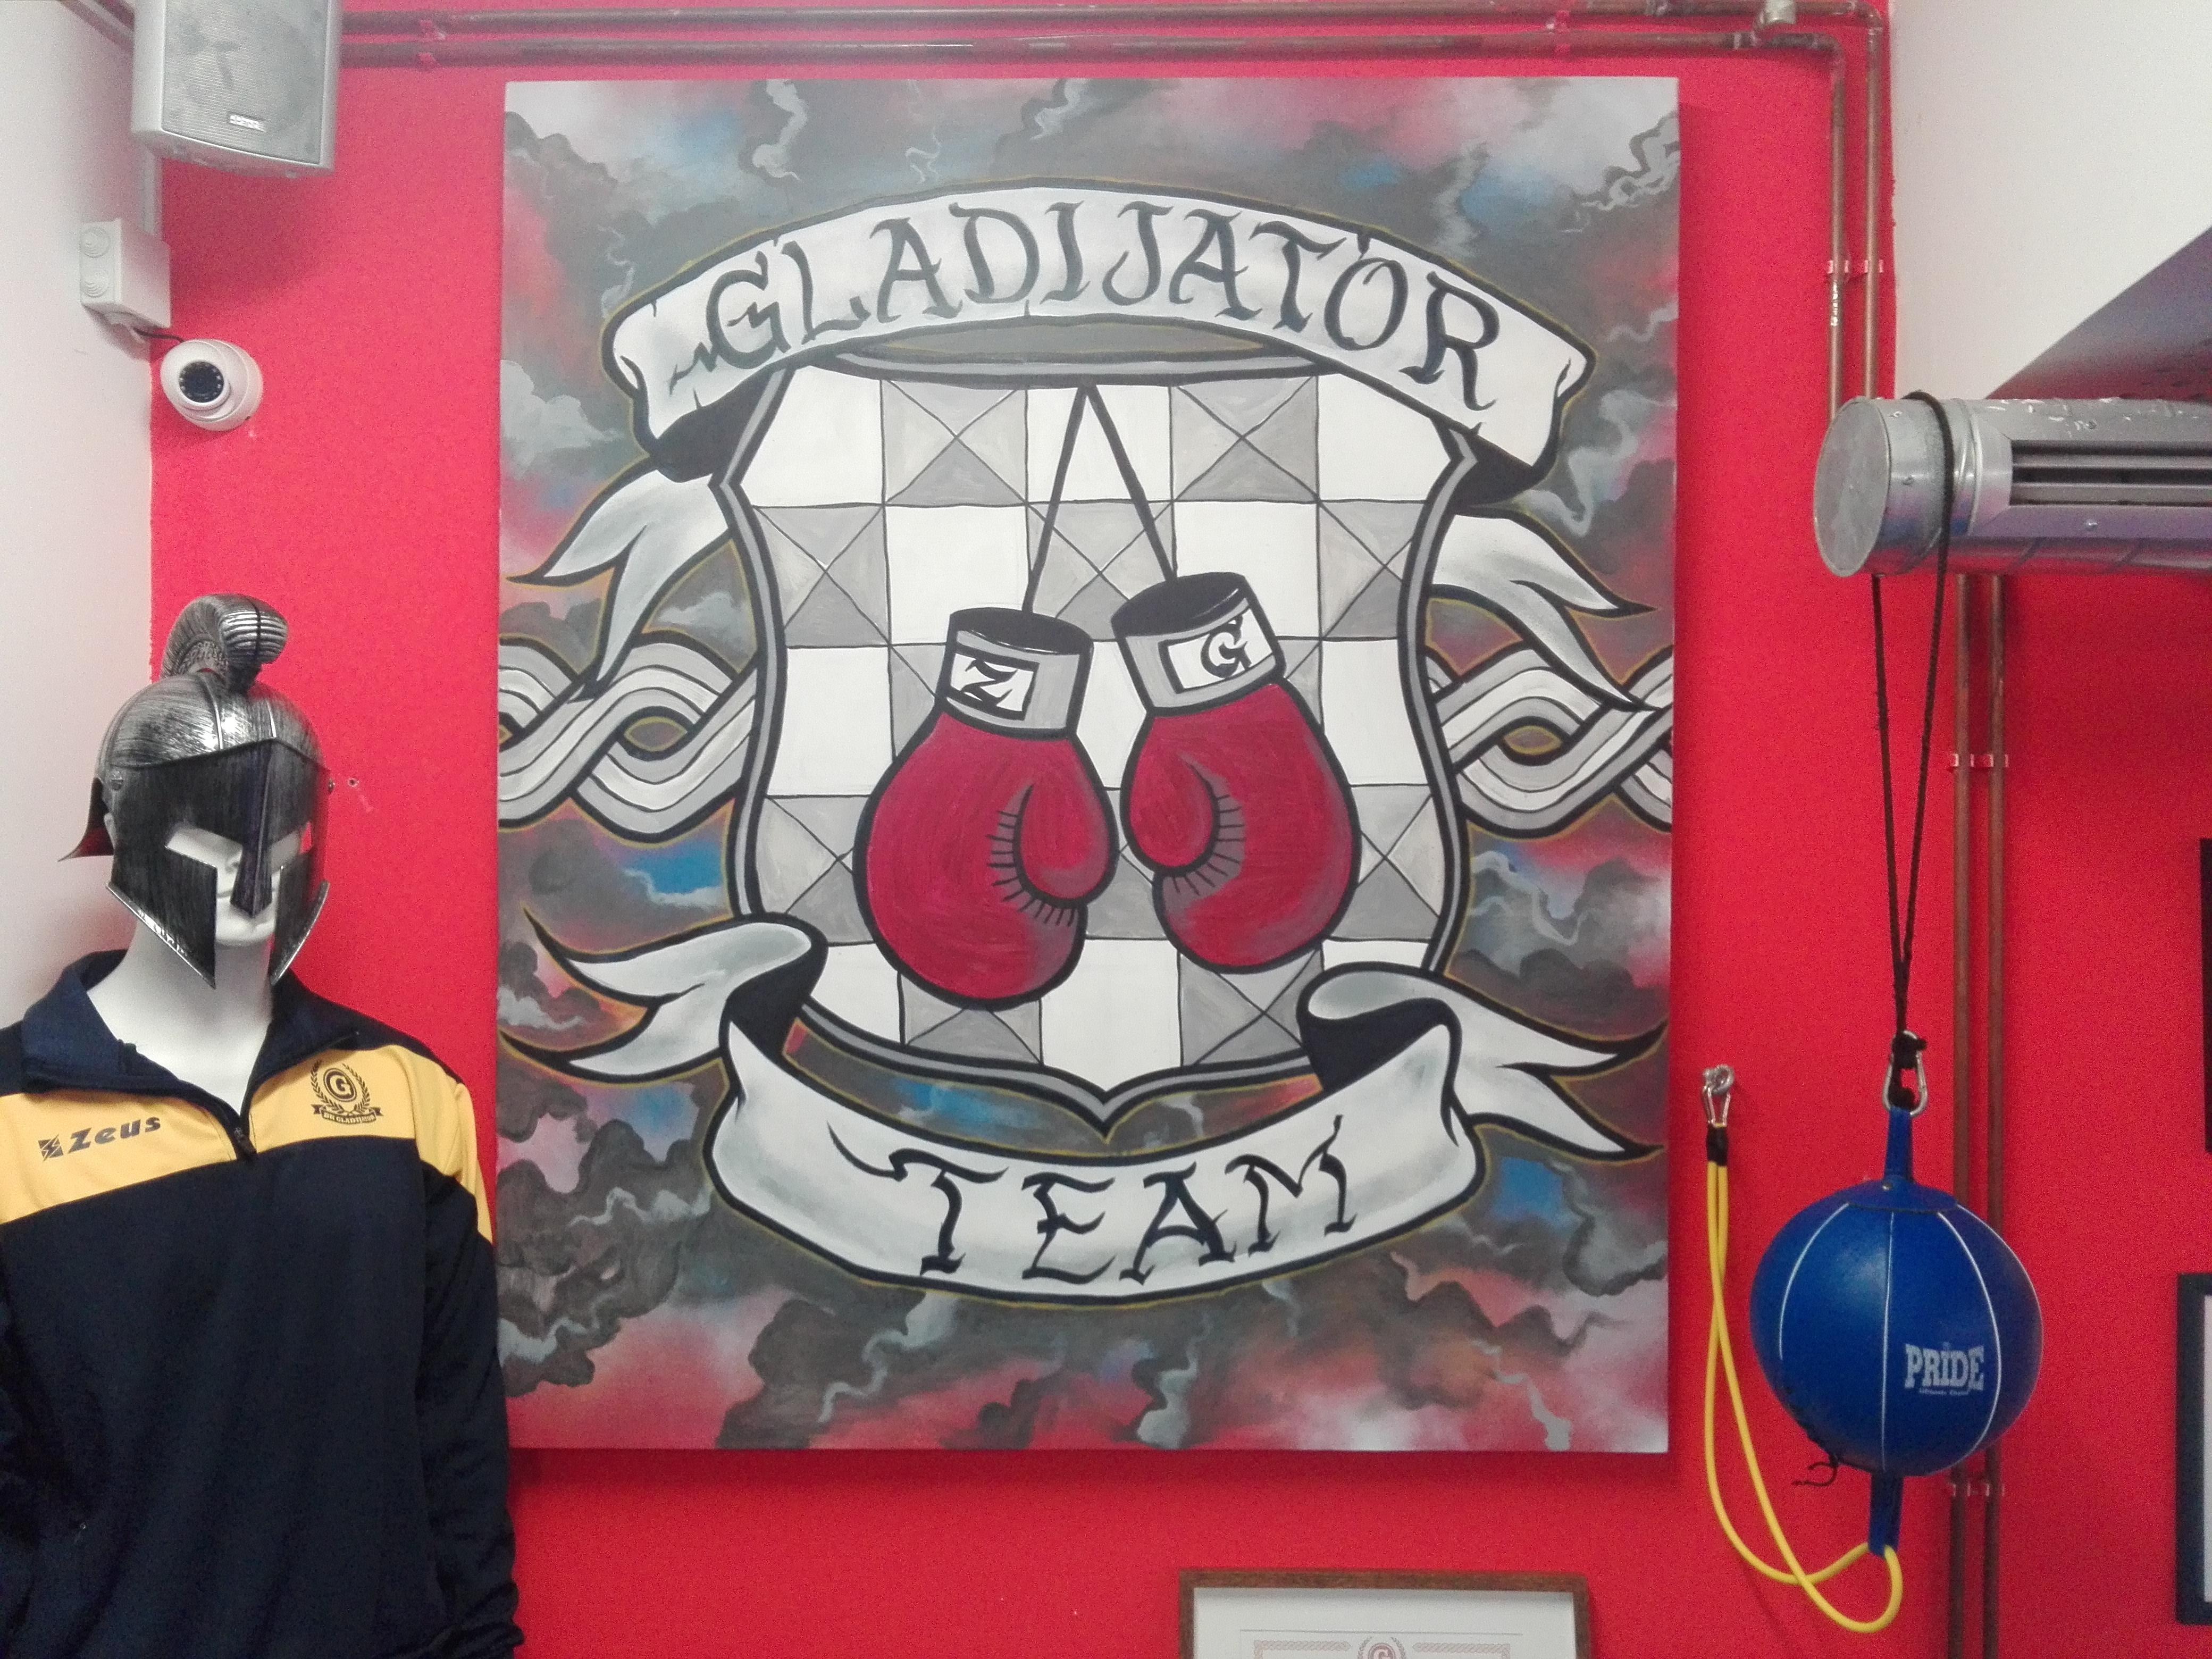 Posjetili smo BK Gladijator Tonija Filipija